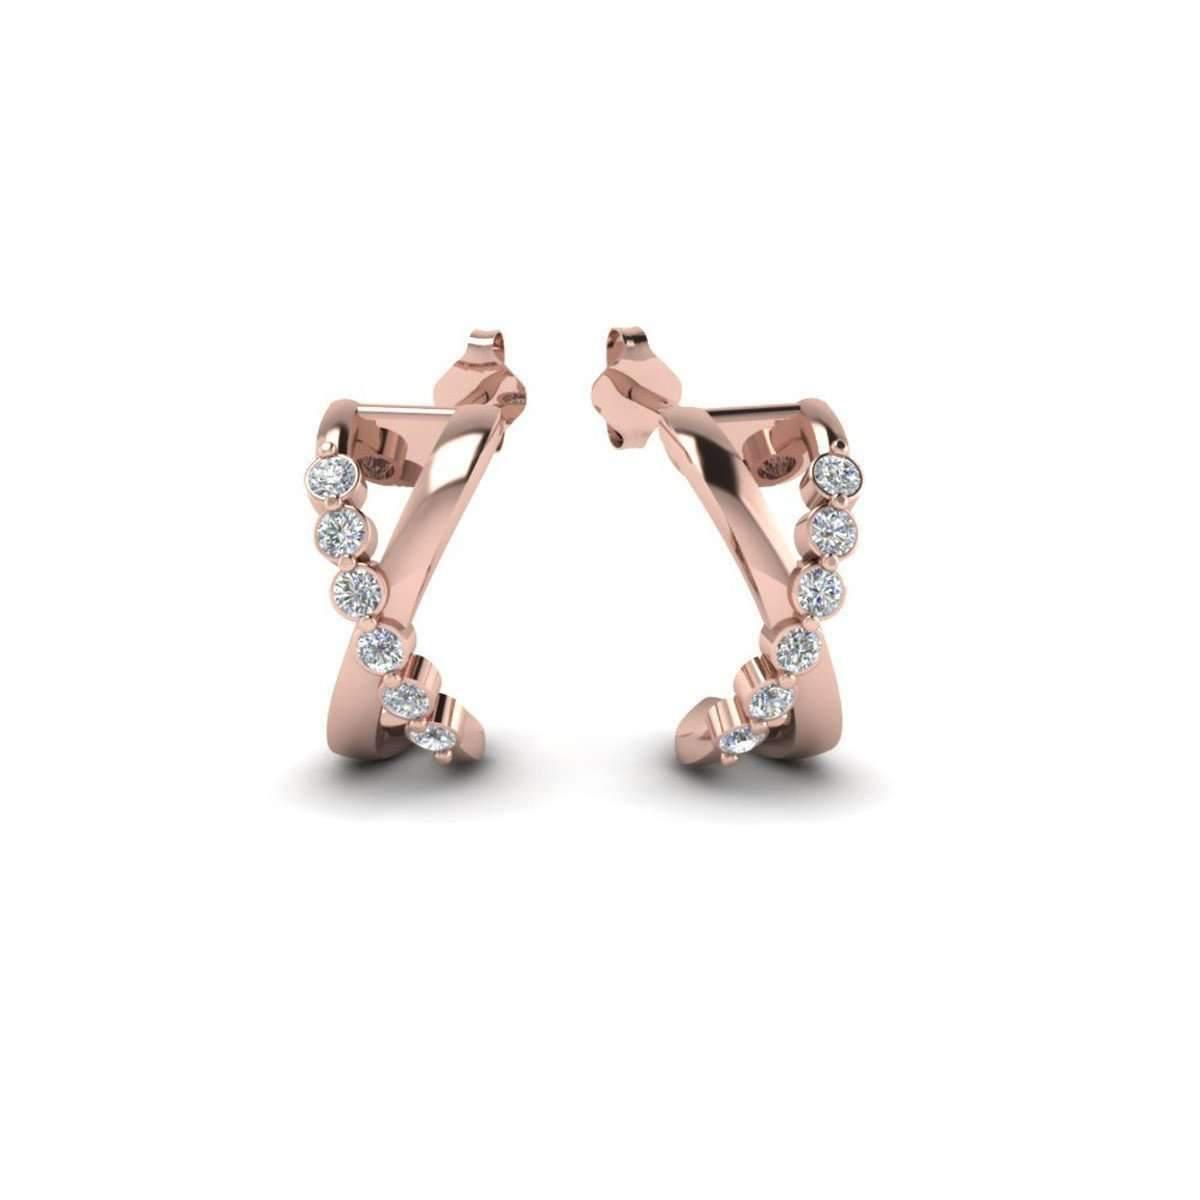 Diamoire Jewels X Pattern Swarovski Zirconia Stud Earrings in 10Kt Rose Gold FyXxoubOIA